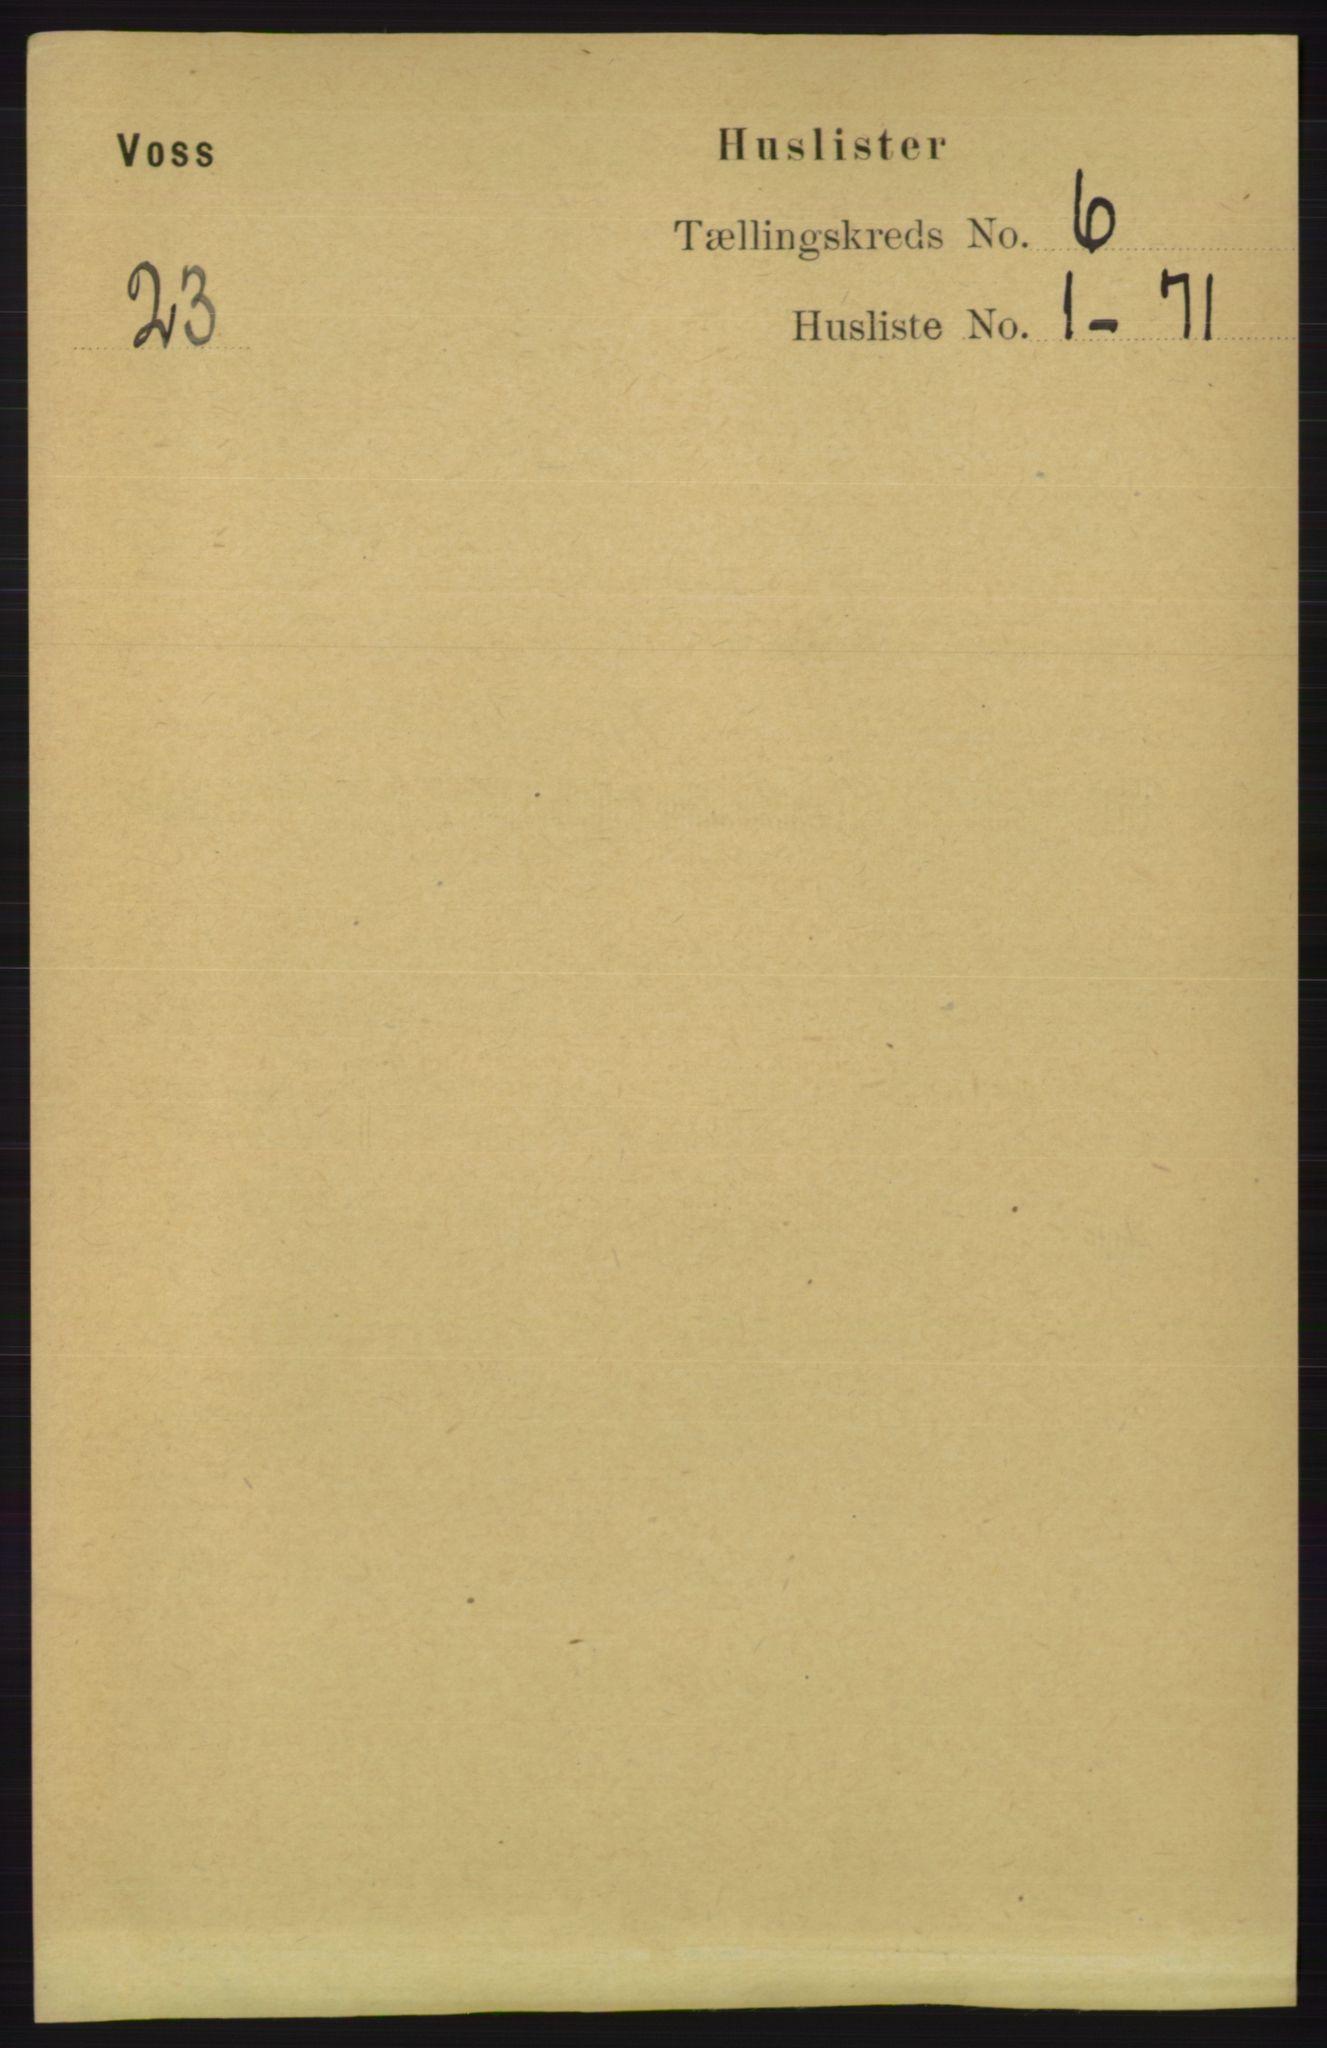 RA, Folketelling 1891 for 1235 Voss herred, 1891, s. 3216